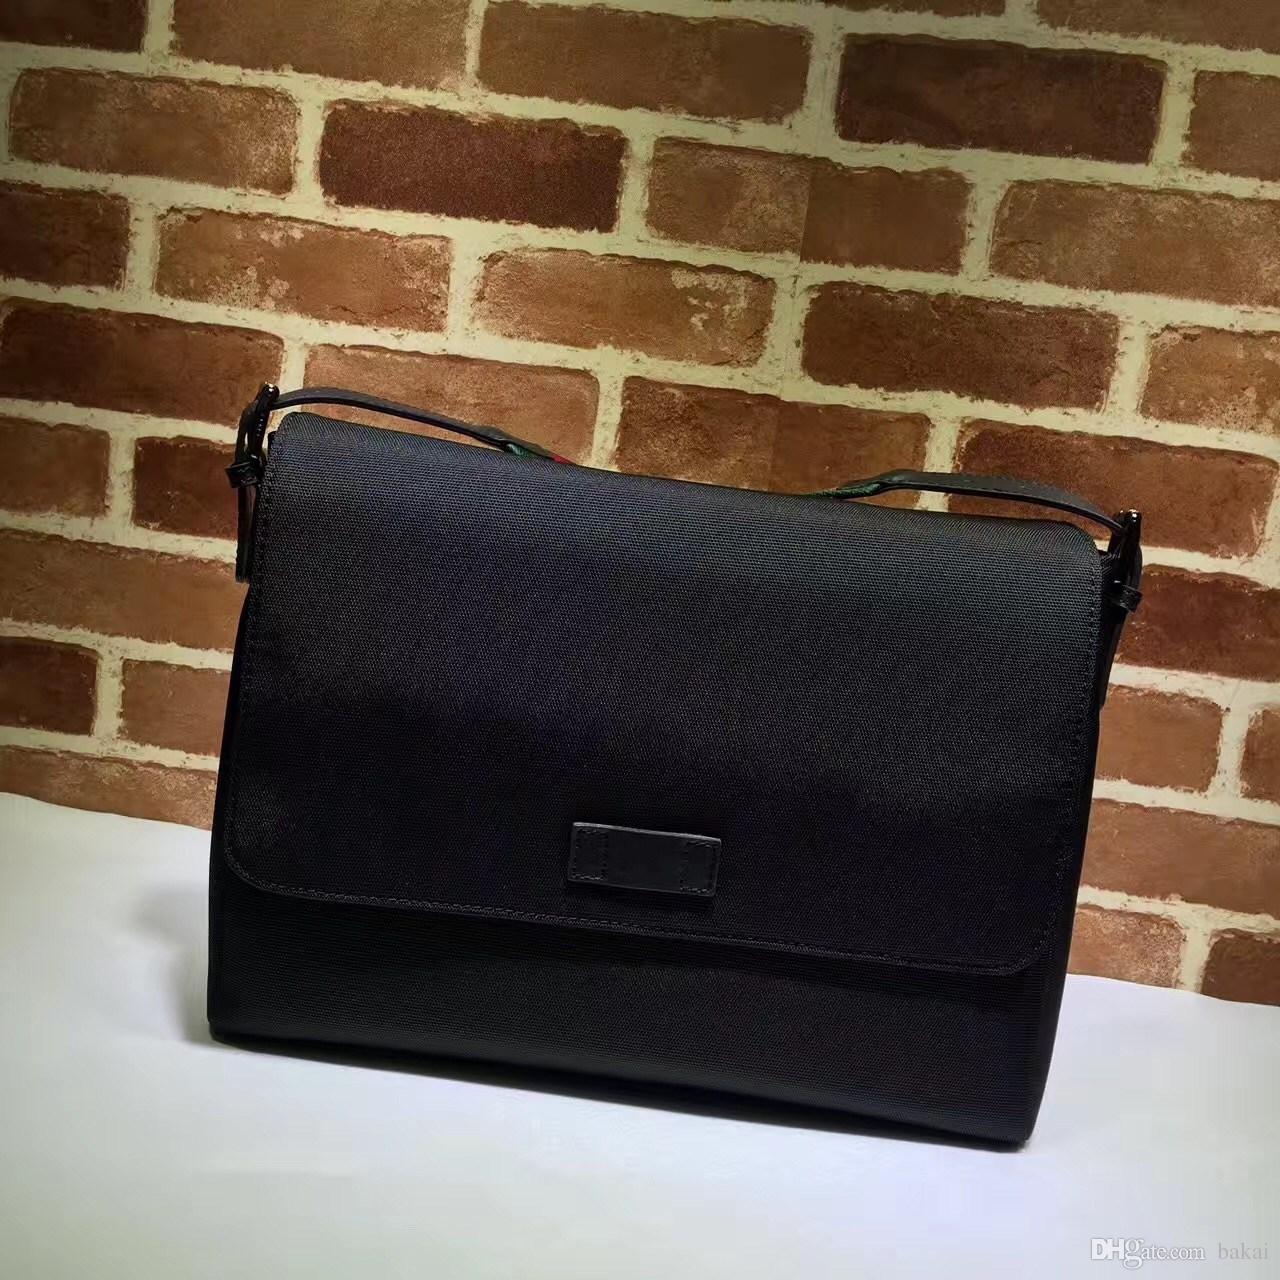 Heißer verkauf der berühmten modemarke männer mail taschen hochwertige schwarze leinwand material verstellbare schulter aktentaschen abdeckung luxus taschen.